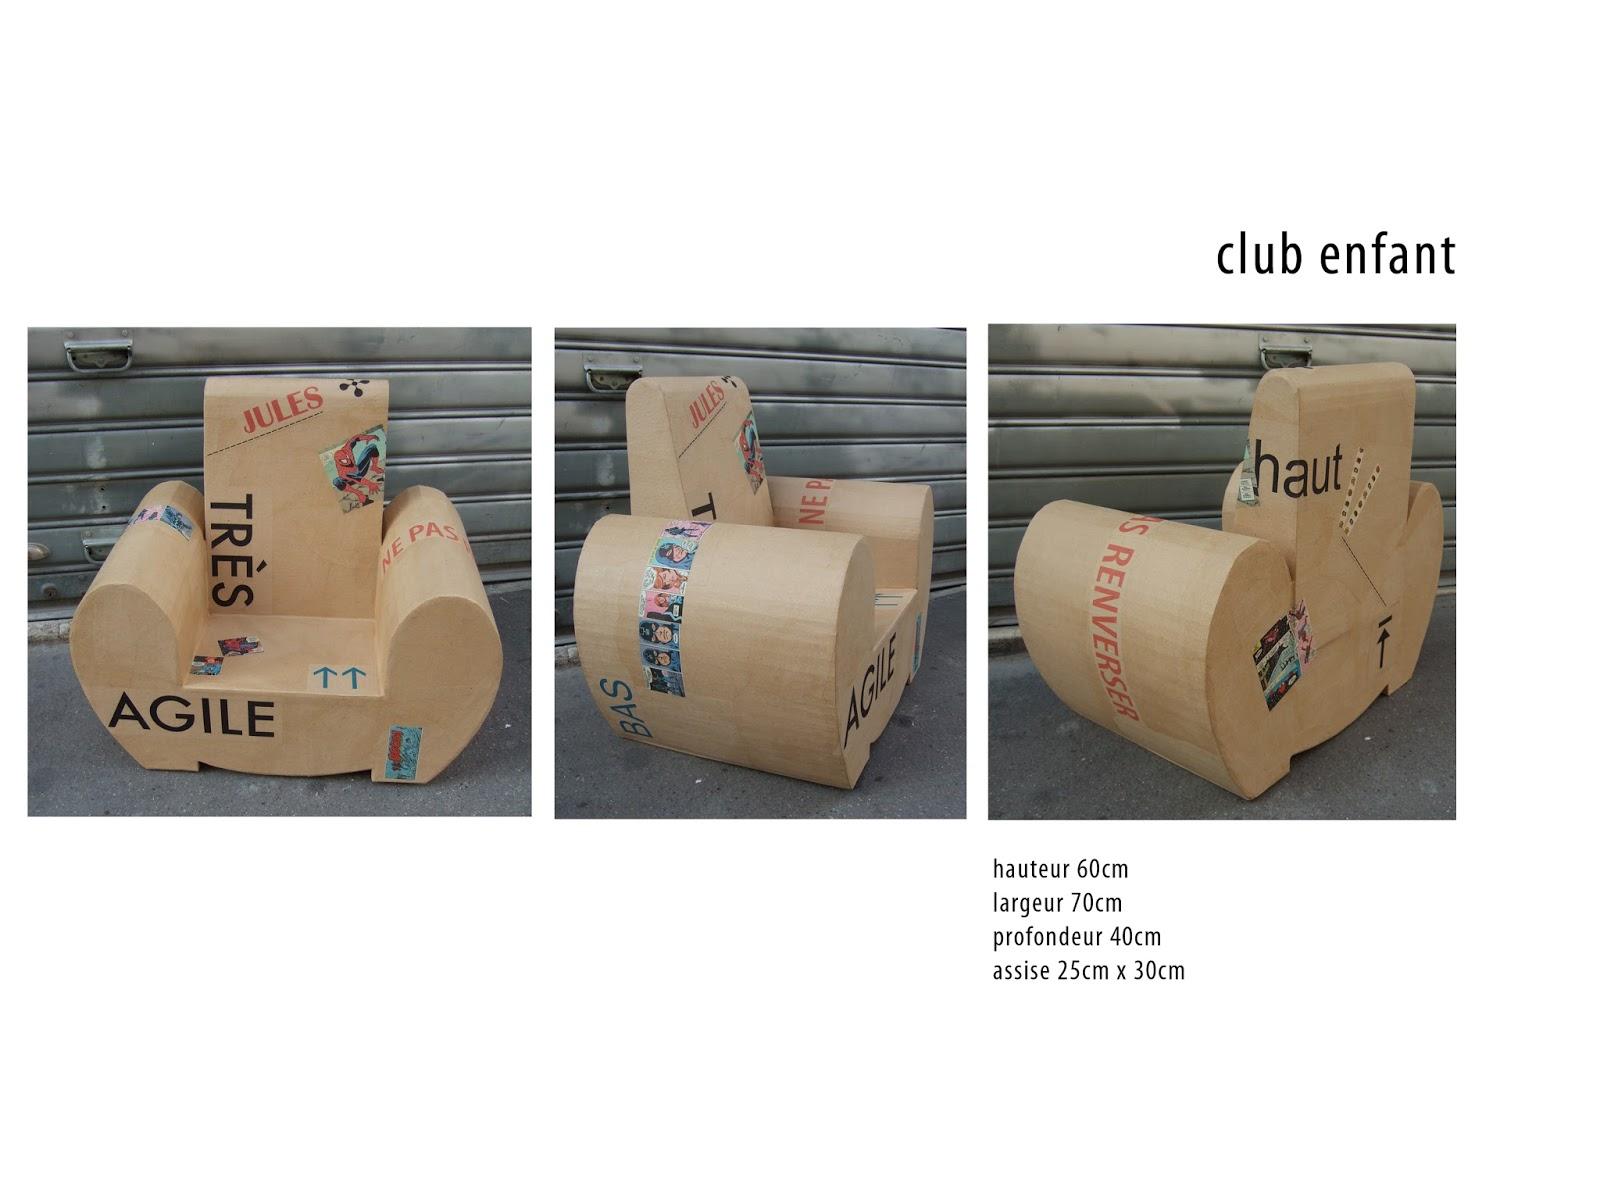 fauteuil club en carton design pour enfant. fabriqué à marseille par juliadesign